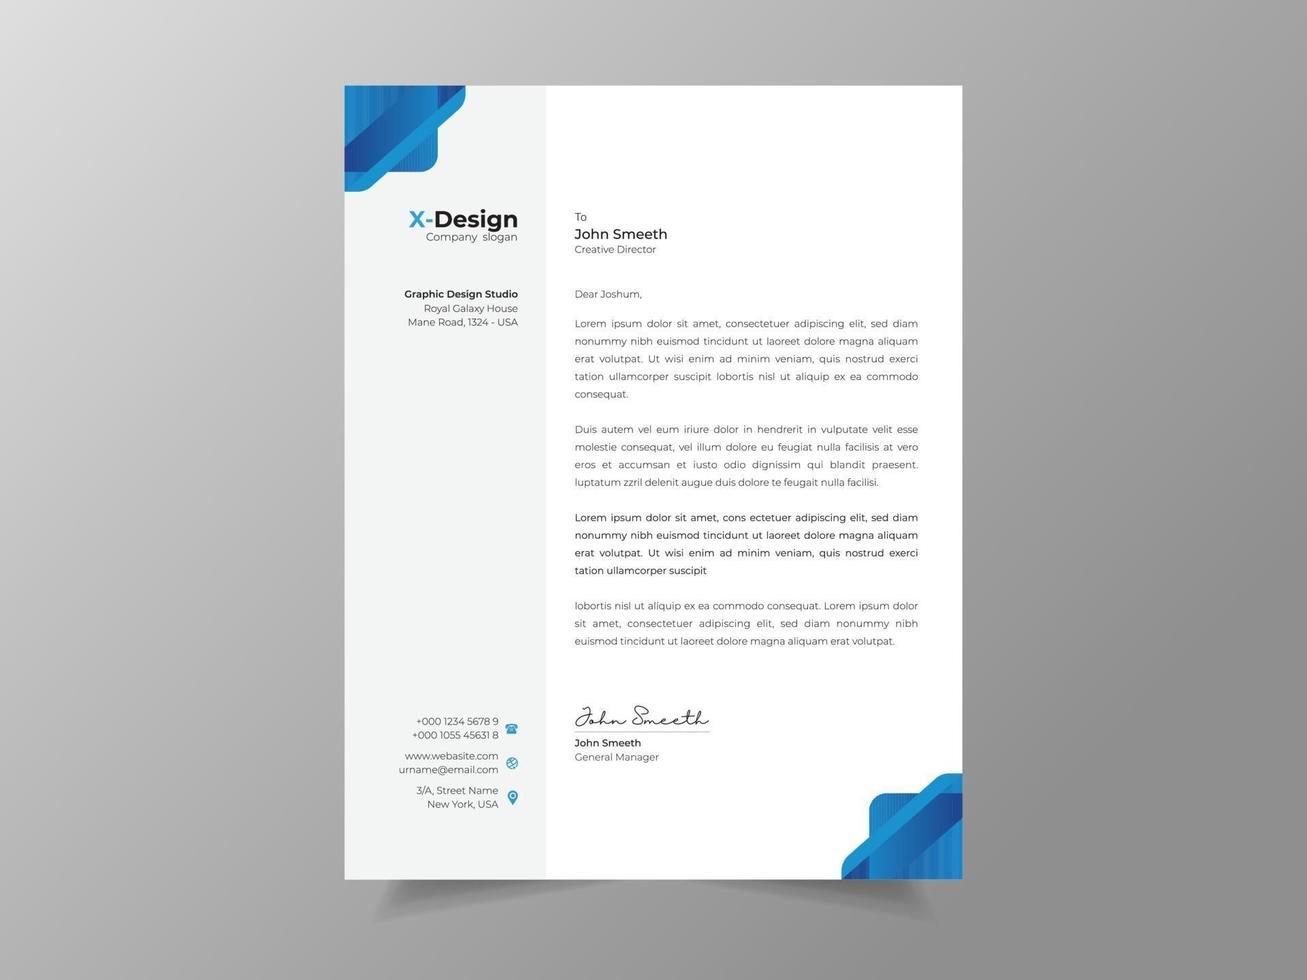 kreative und moderne Geschäftsbriefkopfschablone vektor